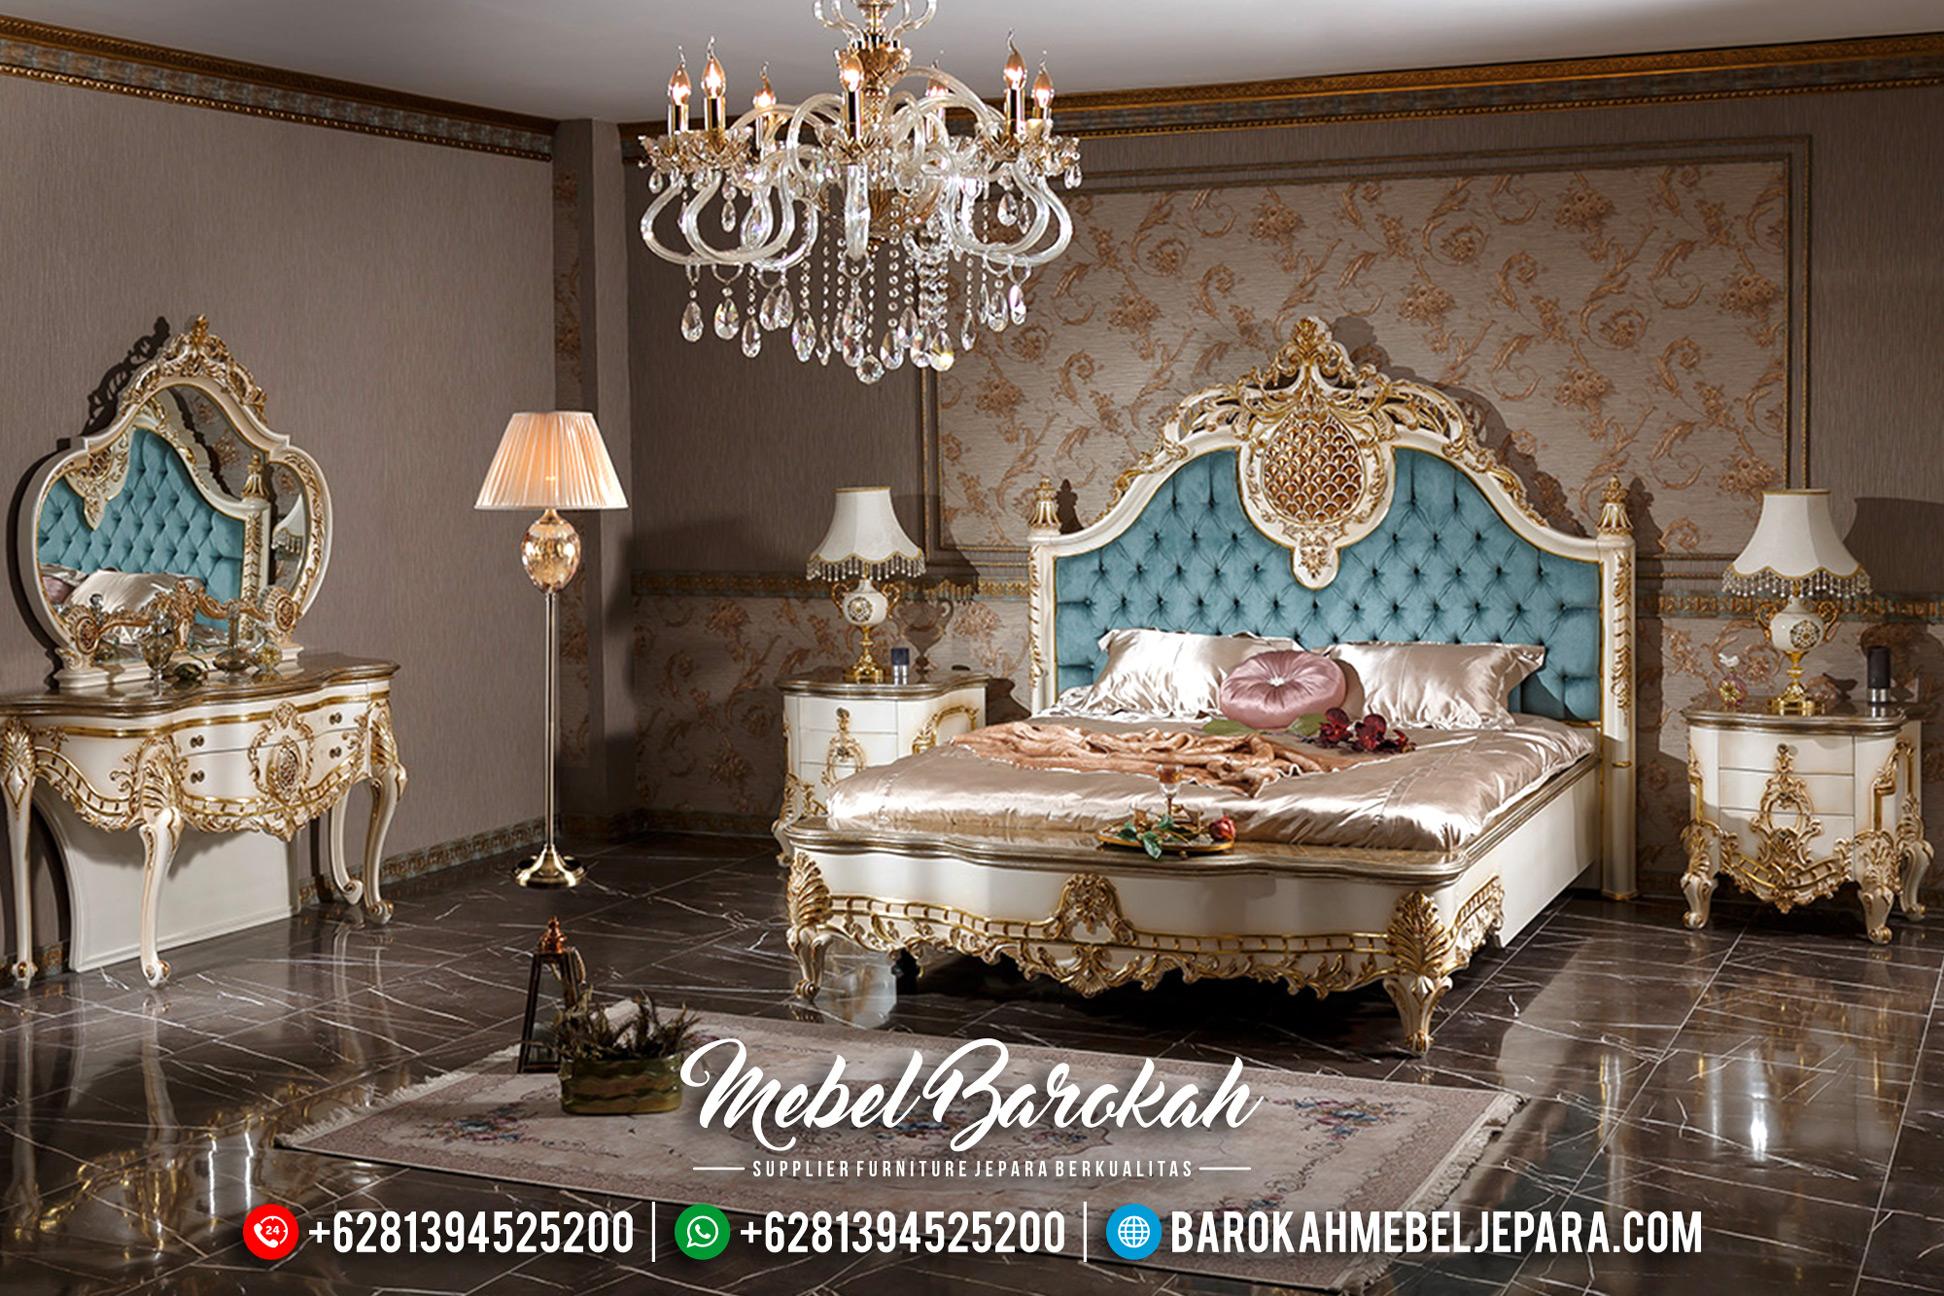 Tempat Tidur Jepara Duco, Tempat Tidur Mewah, Dipan Pengantin Classic MB-0182